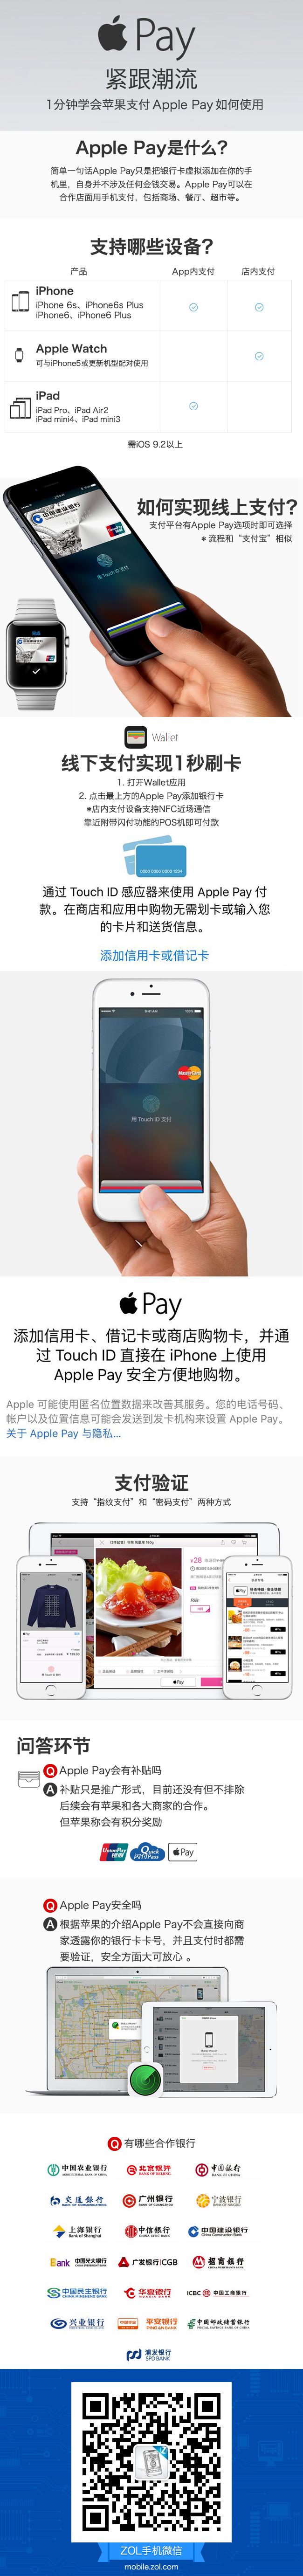 苹果支付apple pay如何使用